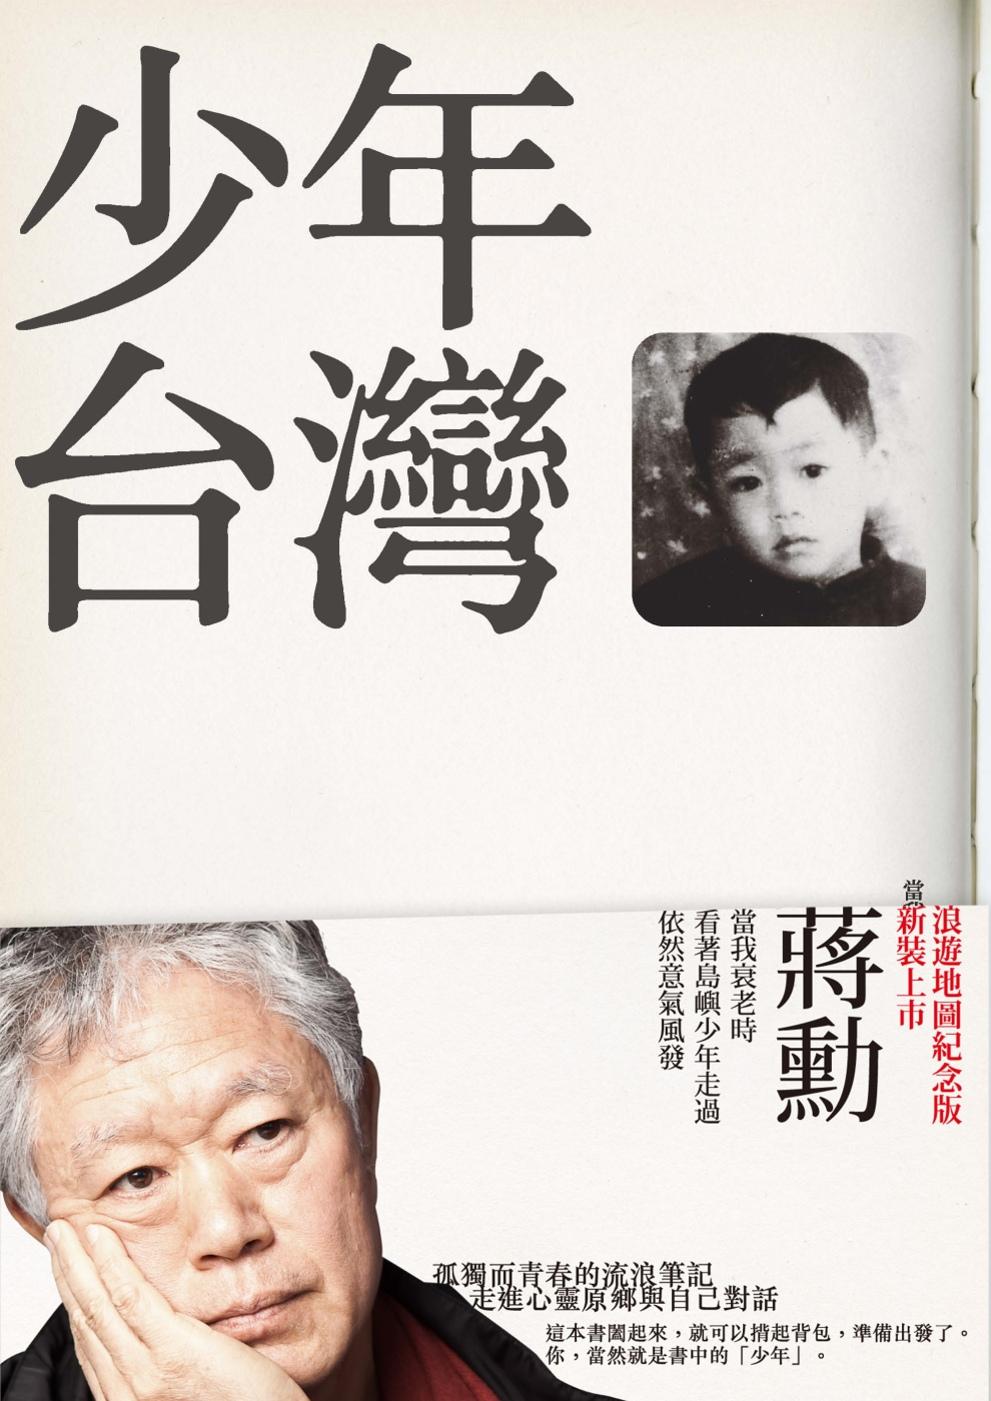 少年台灣(第二版)親簽書